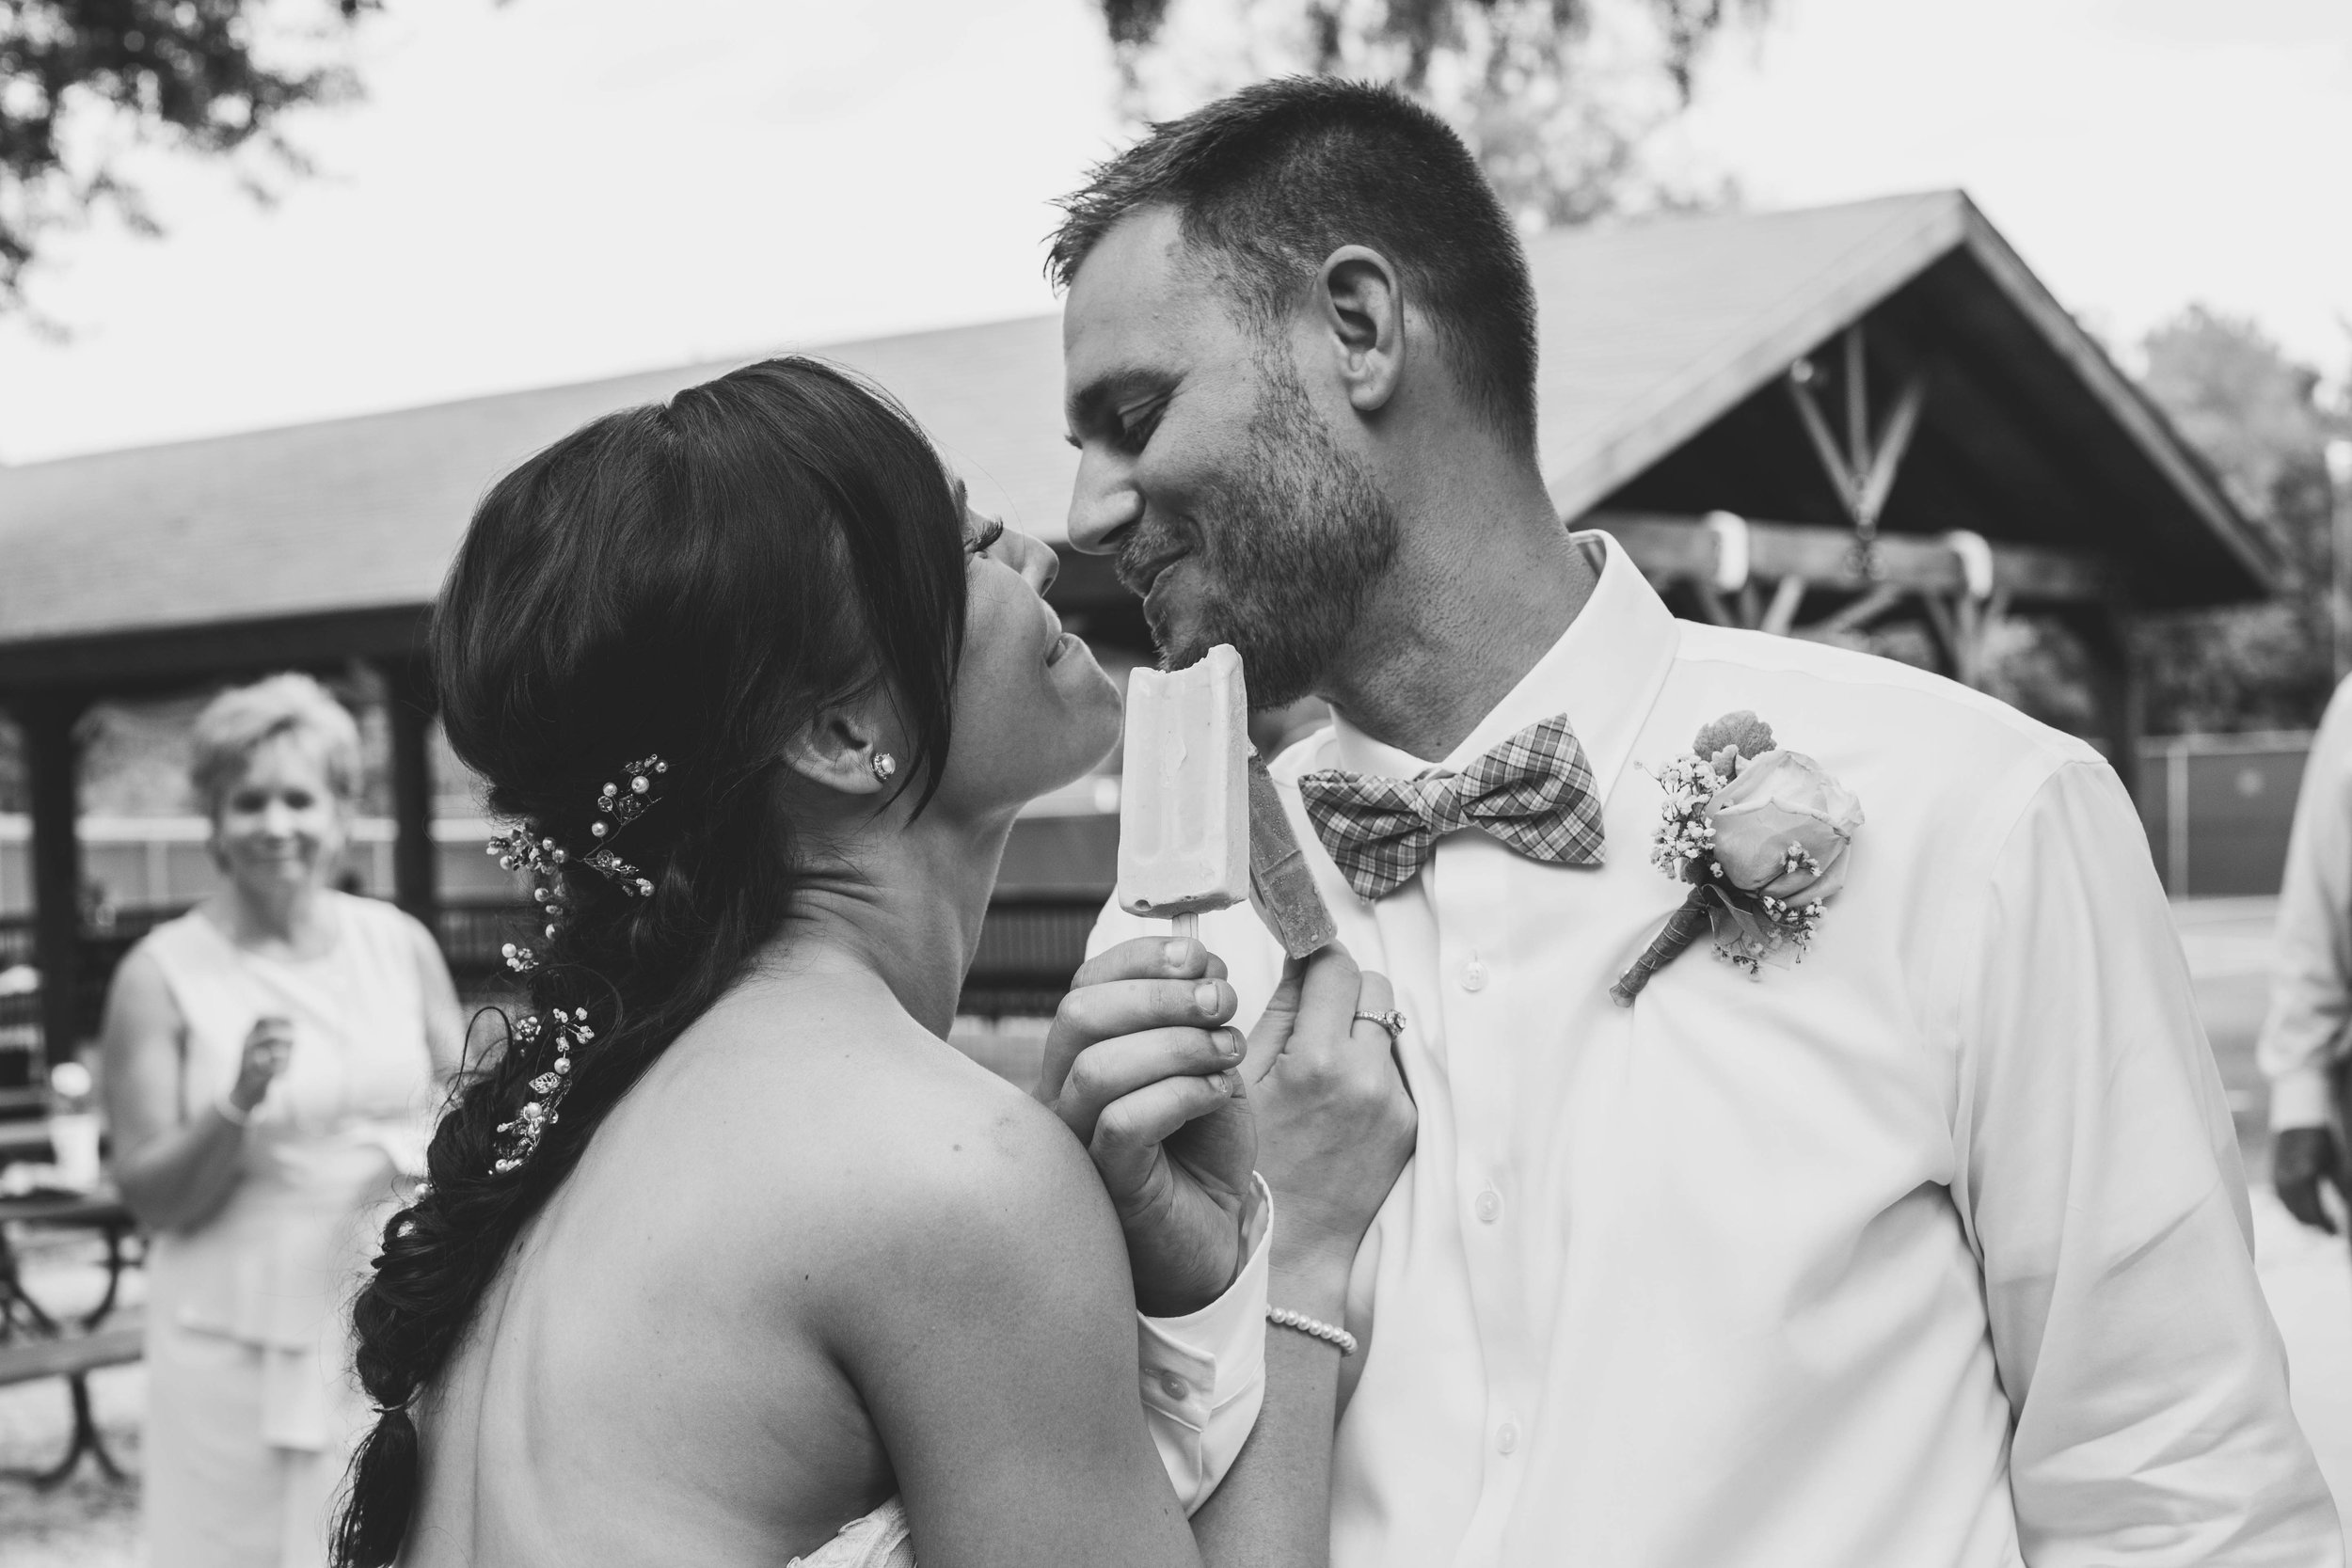 ATGI_Susanna & Matt Wedding_717A8624.jpg